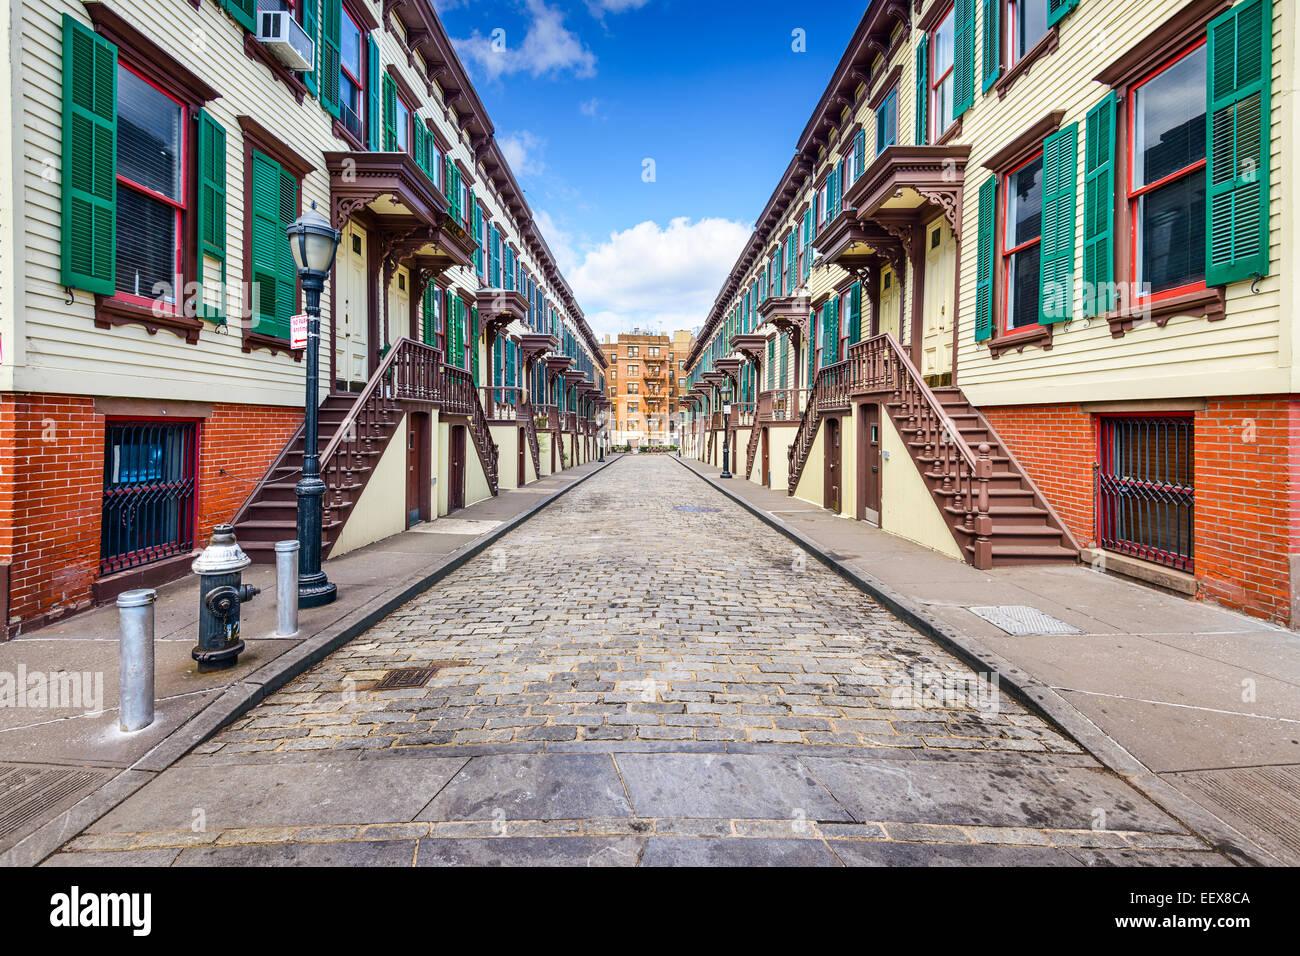 La ville de New York, USA au rowhouses Jumel dans le quartier historique d'une terrasse. Banque D'Images